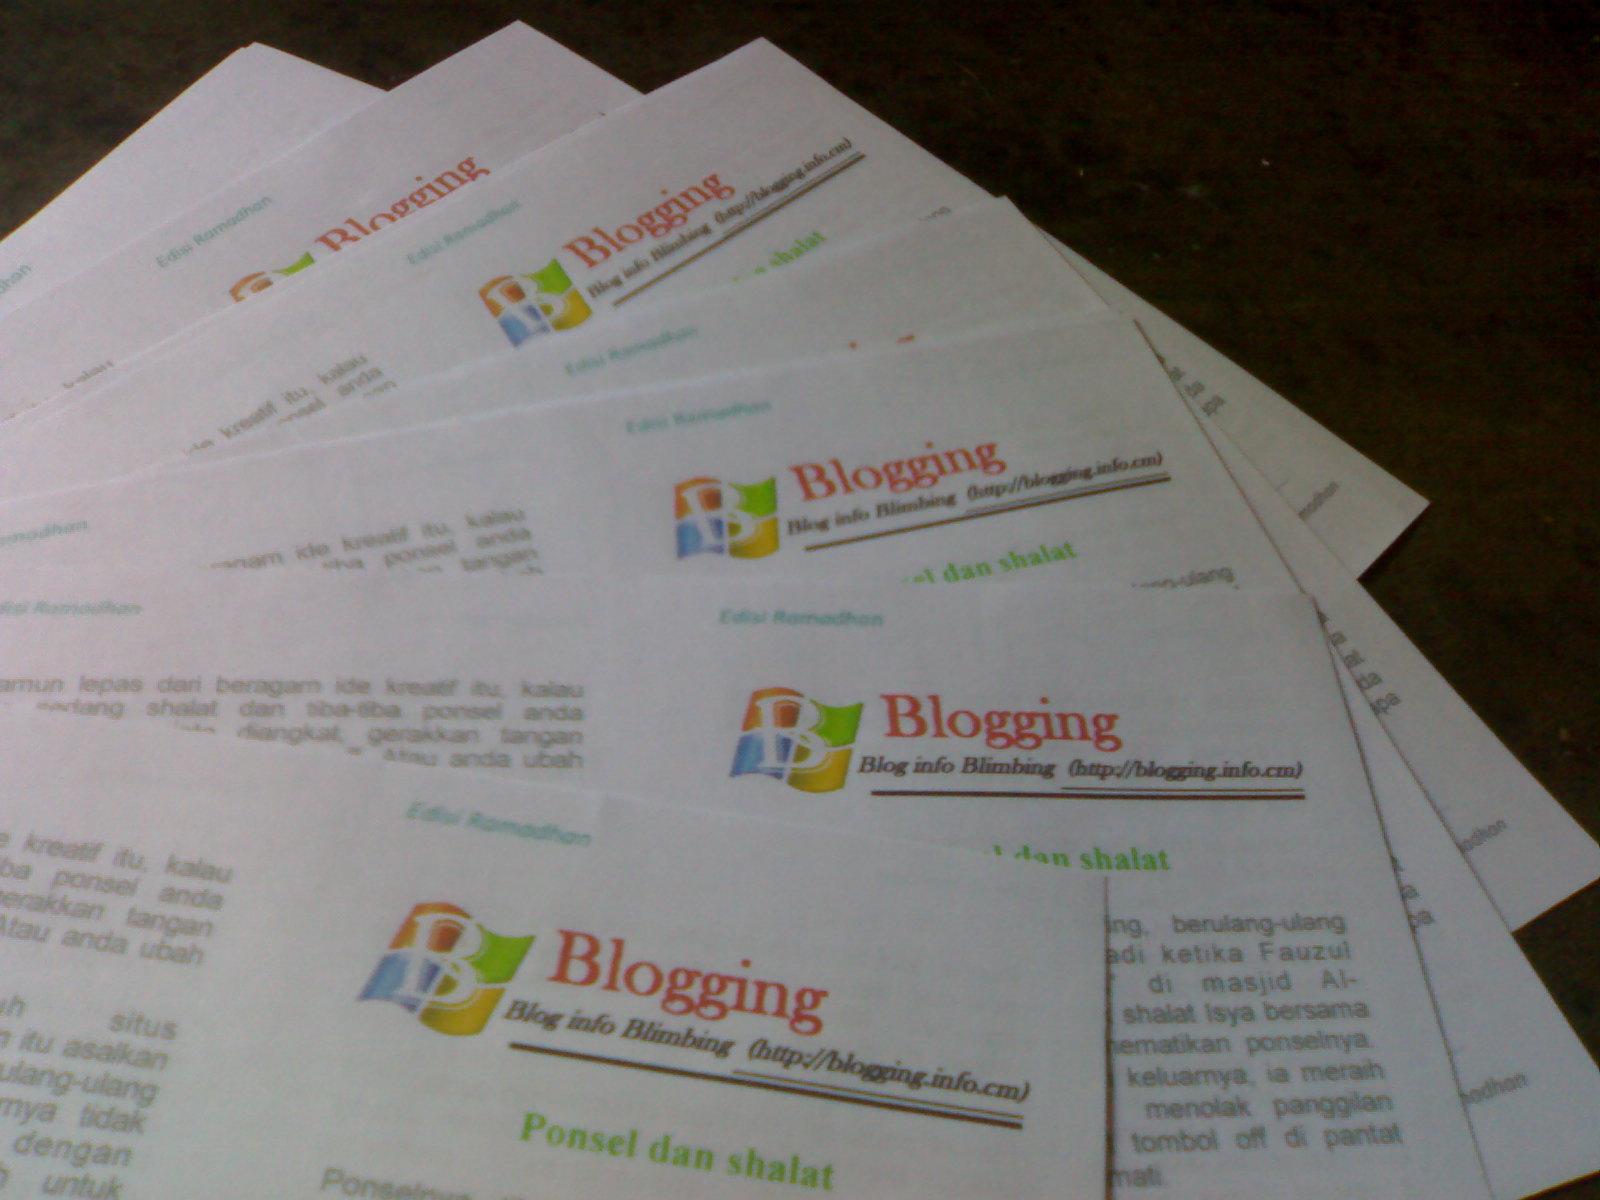 Blogging blimbing buletin